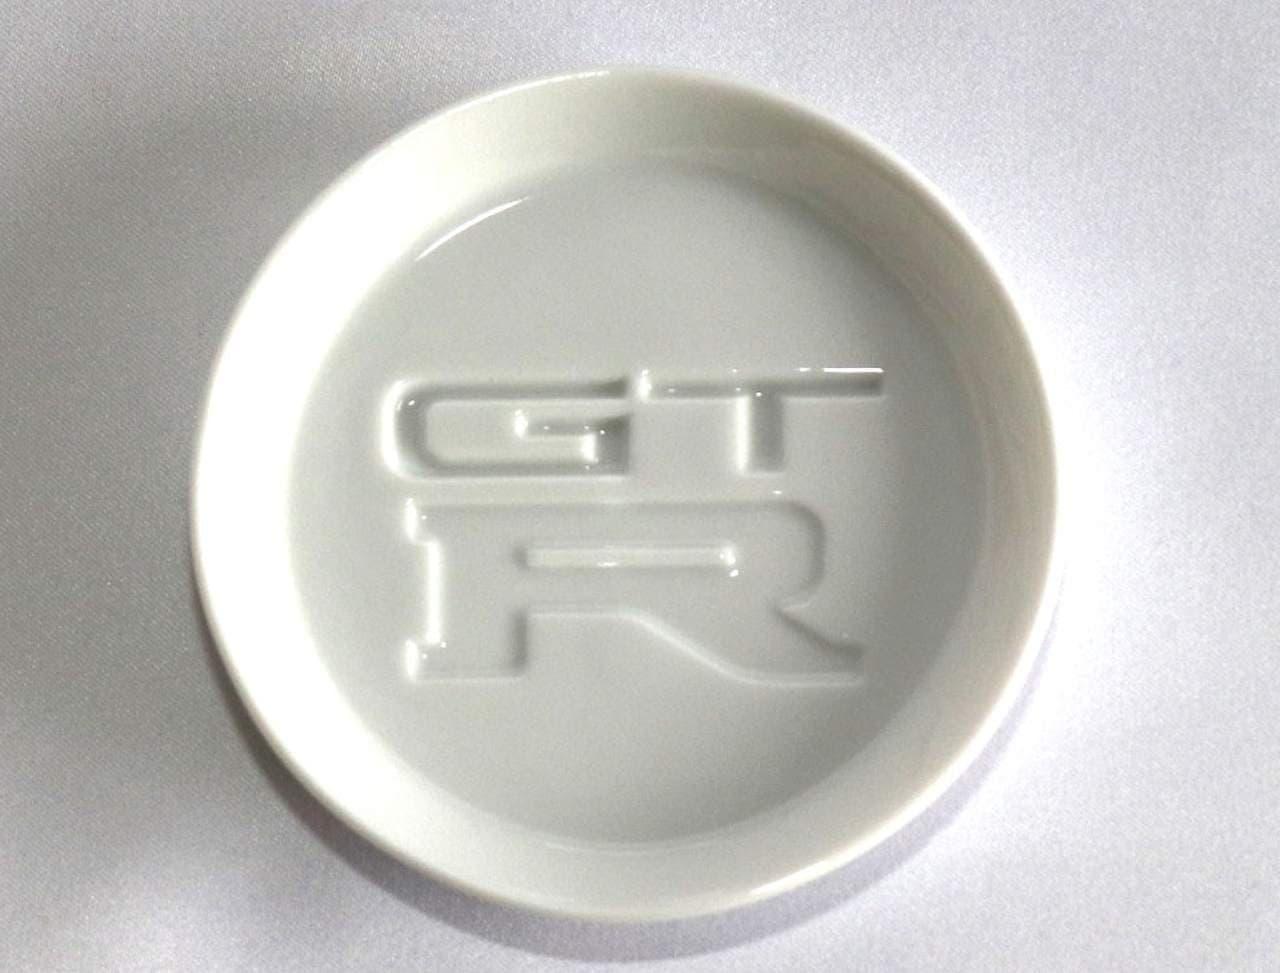 「スカイラインGT-R」モチーフの醤油皿、ヴィレヴァンオンラインで発売